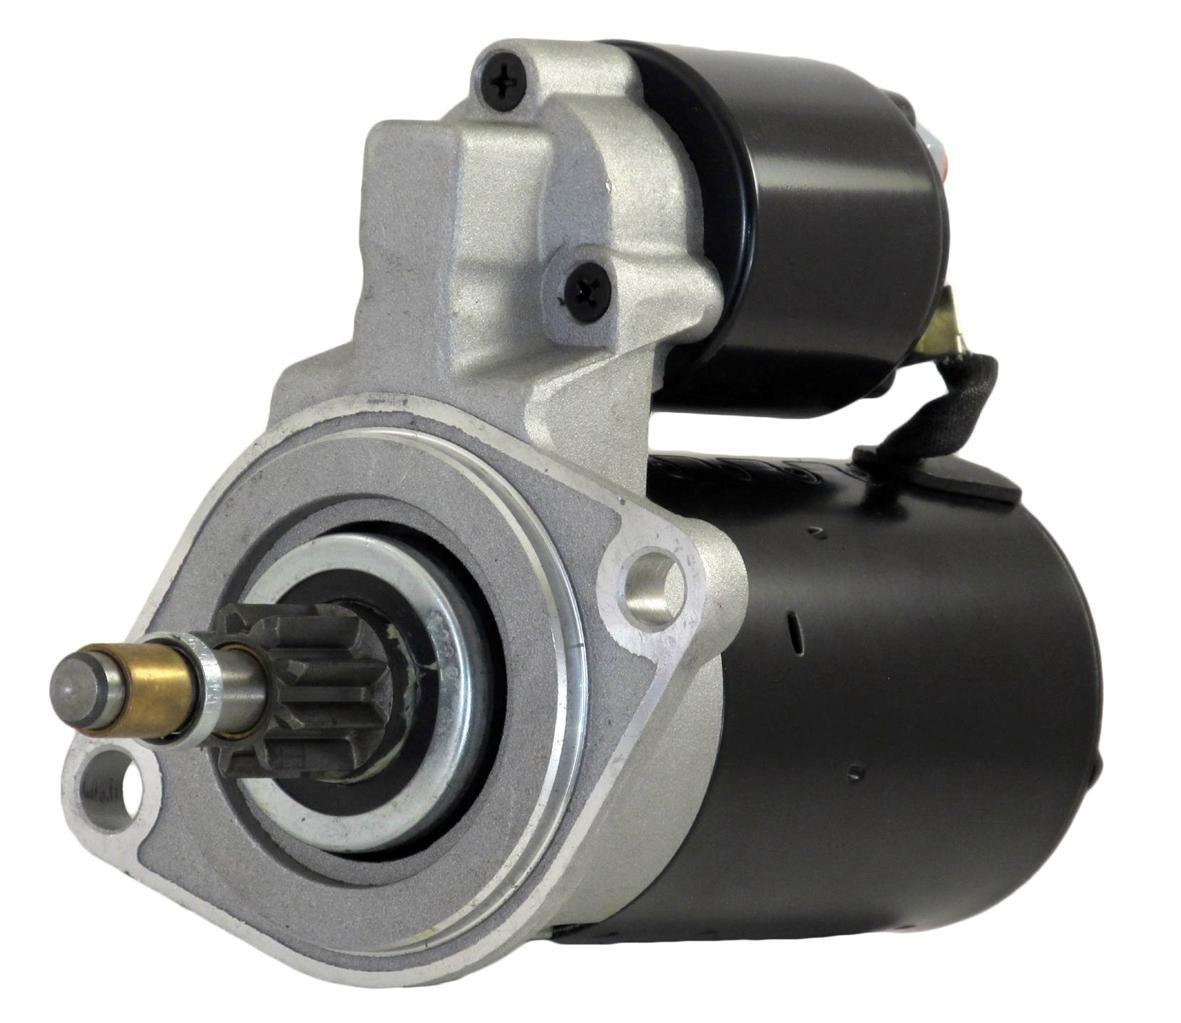 Faryman Engine Starter For Bosch Volkswagen, Melroe Spra Coupe Porsche